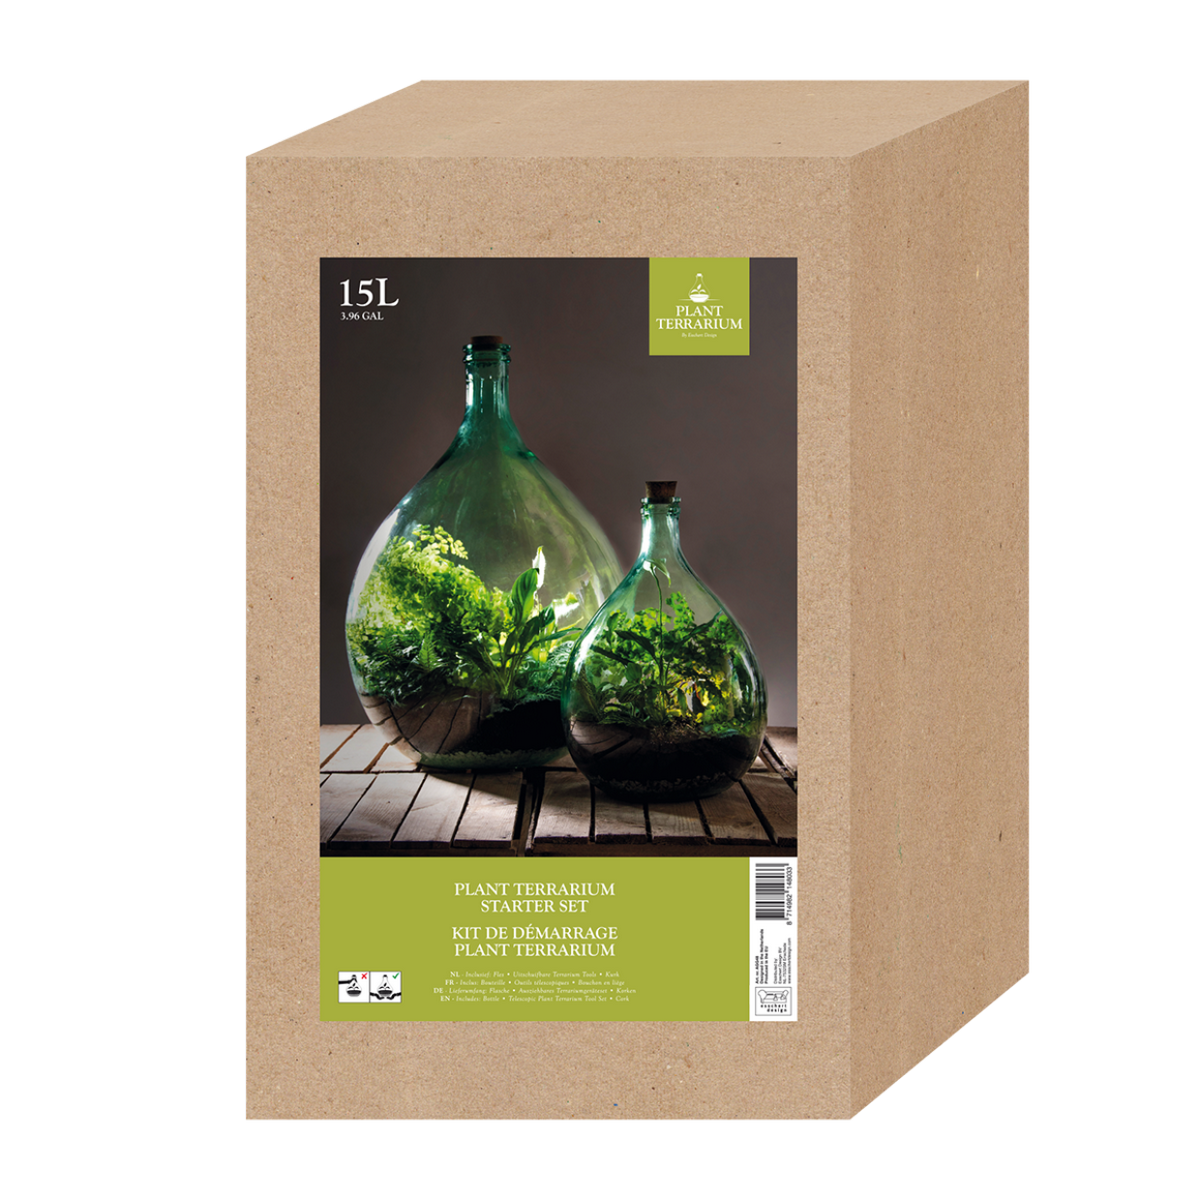 Kit bouteille terrarium 15 L à faire soi-même DIY